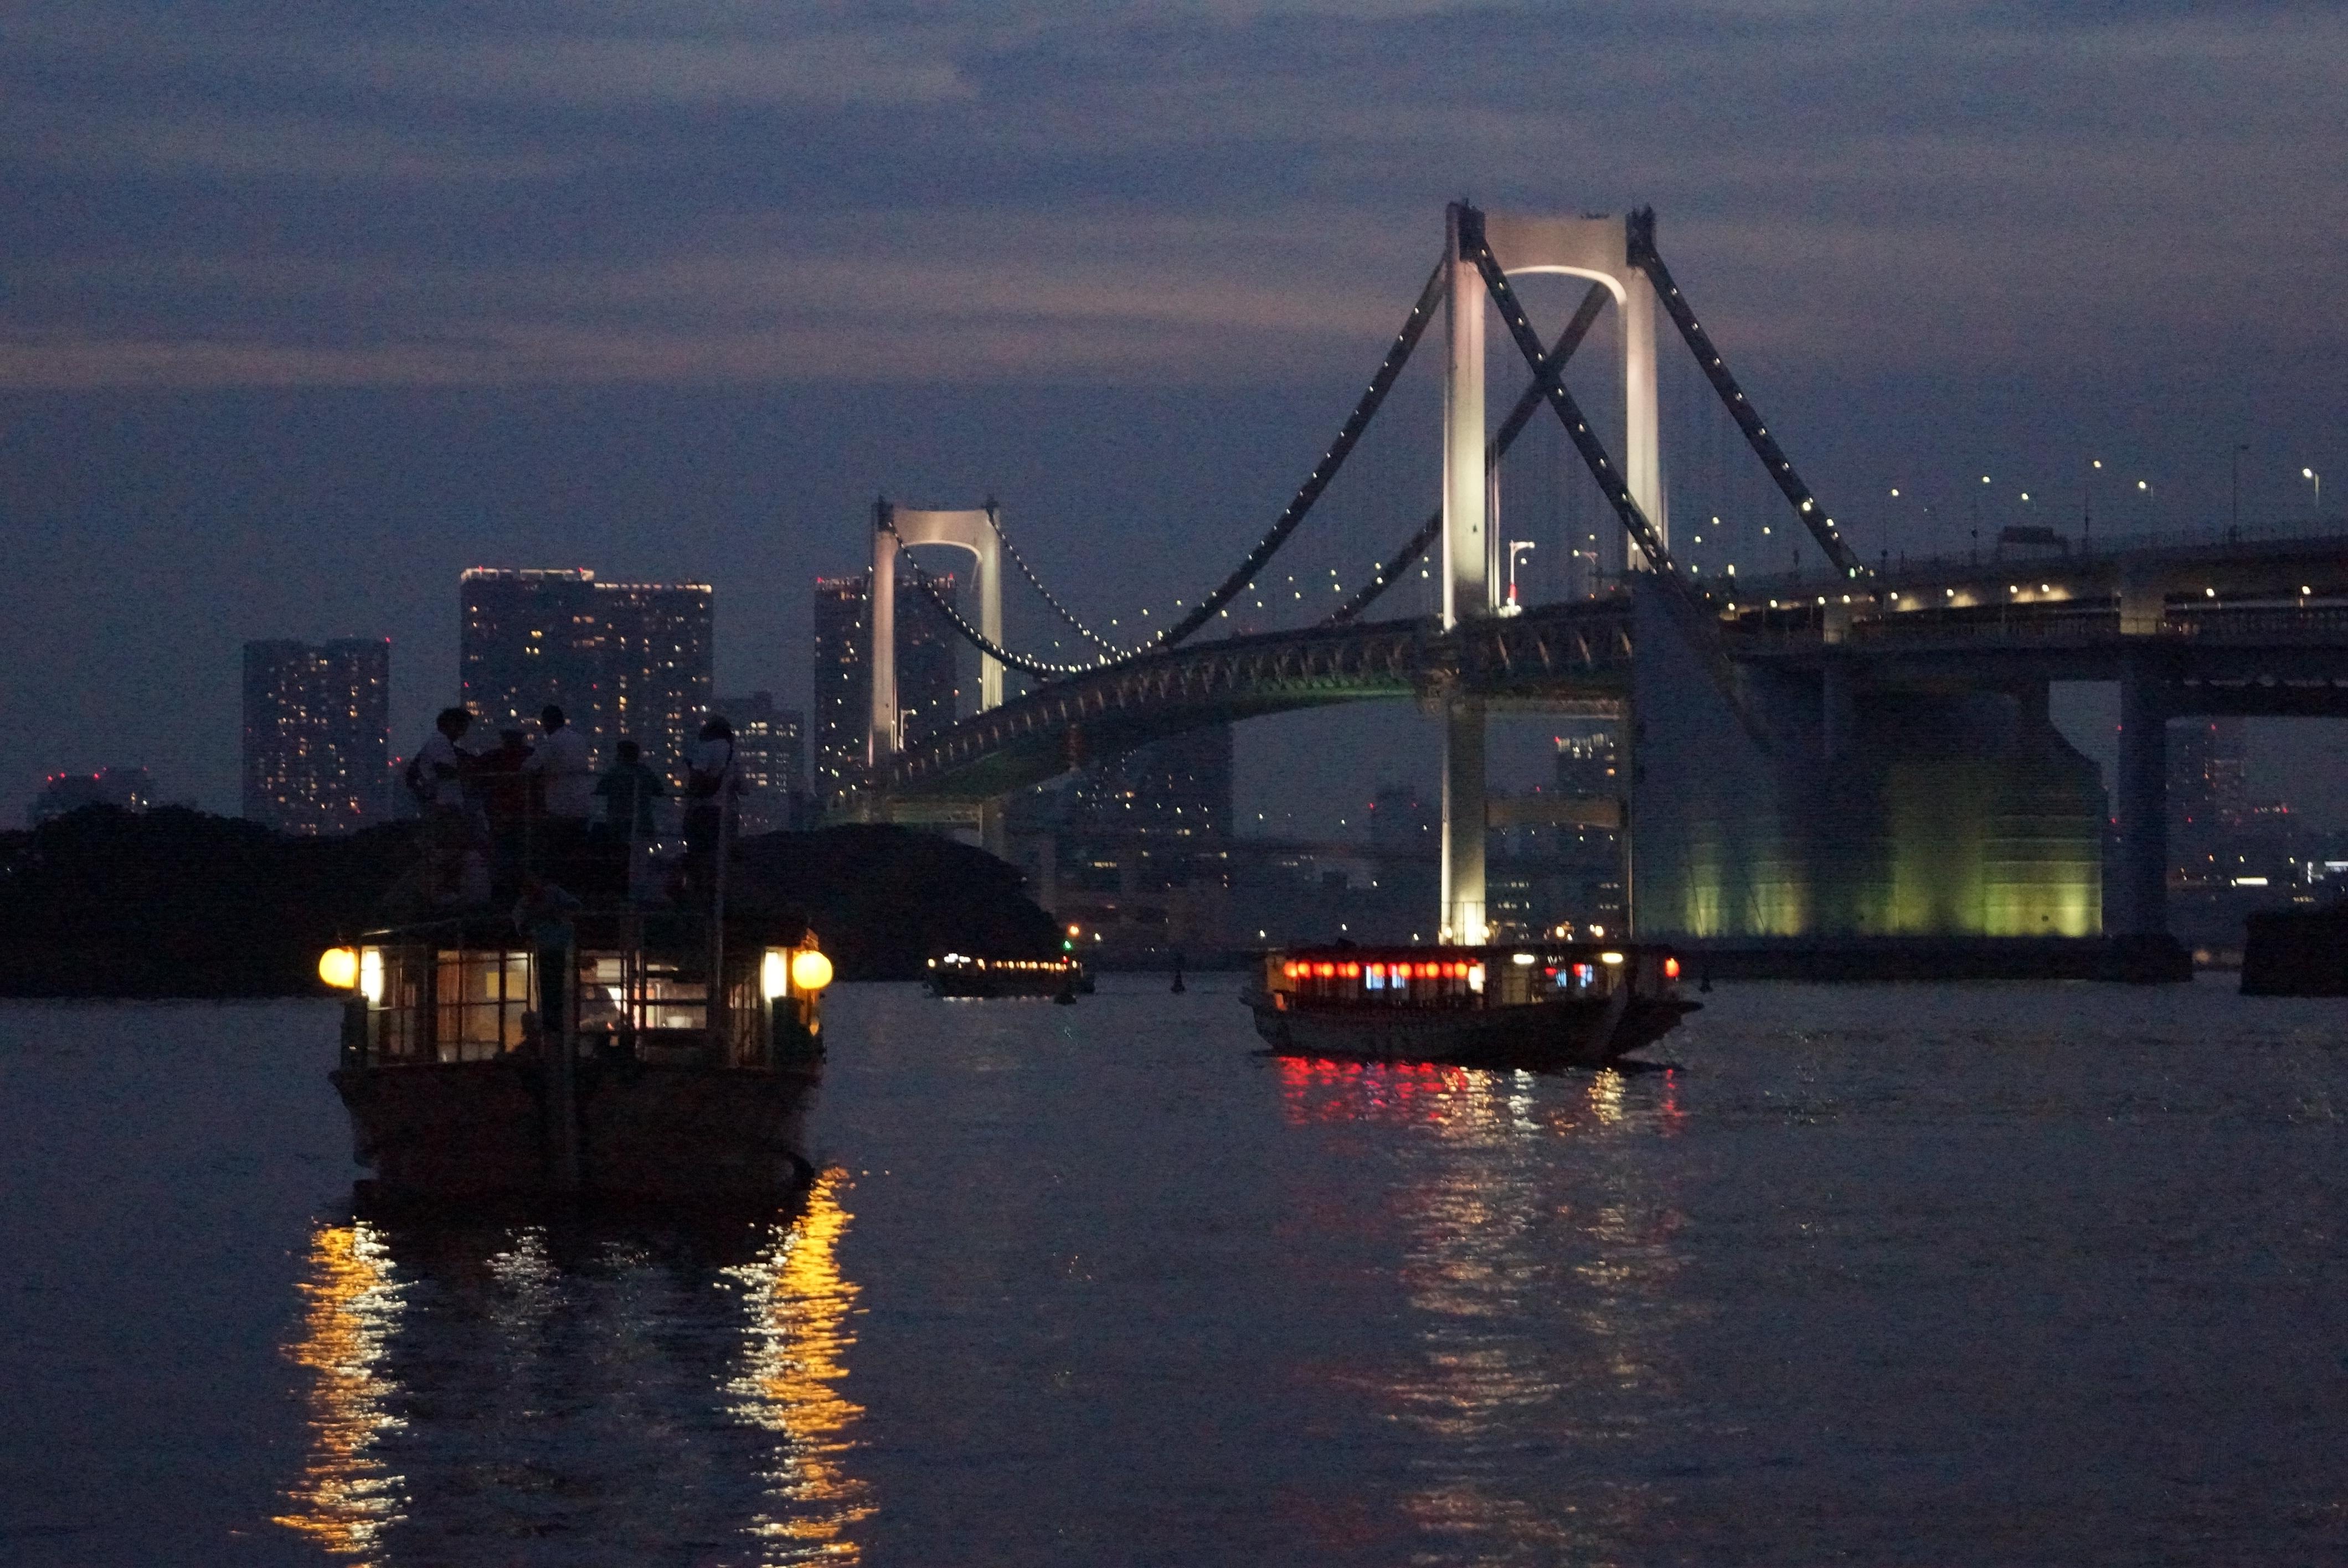 ライトアップされた橋と水辺に浮いている船